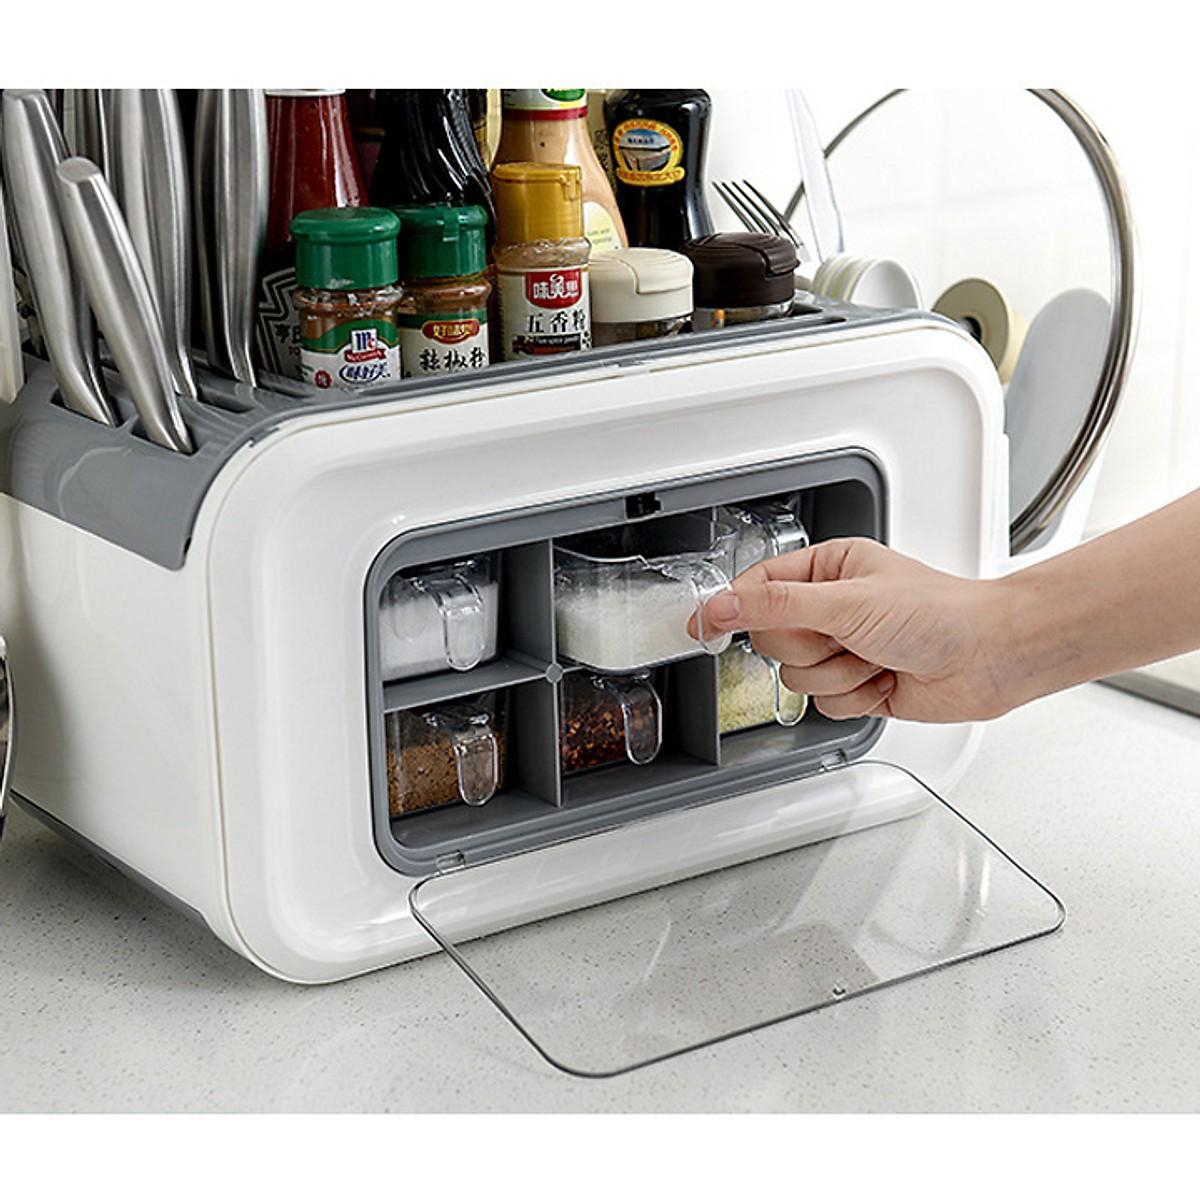 Kệ đựng gia vị nhà bếp đa năng có khay để thớt dao đũa và hũ đựng gia vị tiện dụng thiết kế nhỏ gọn hình chữ nhật thông minh, tiện ích TZX 088 màu ngẫu nhiên